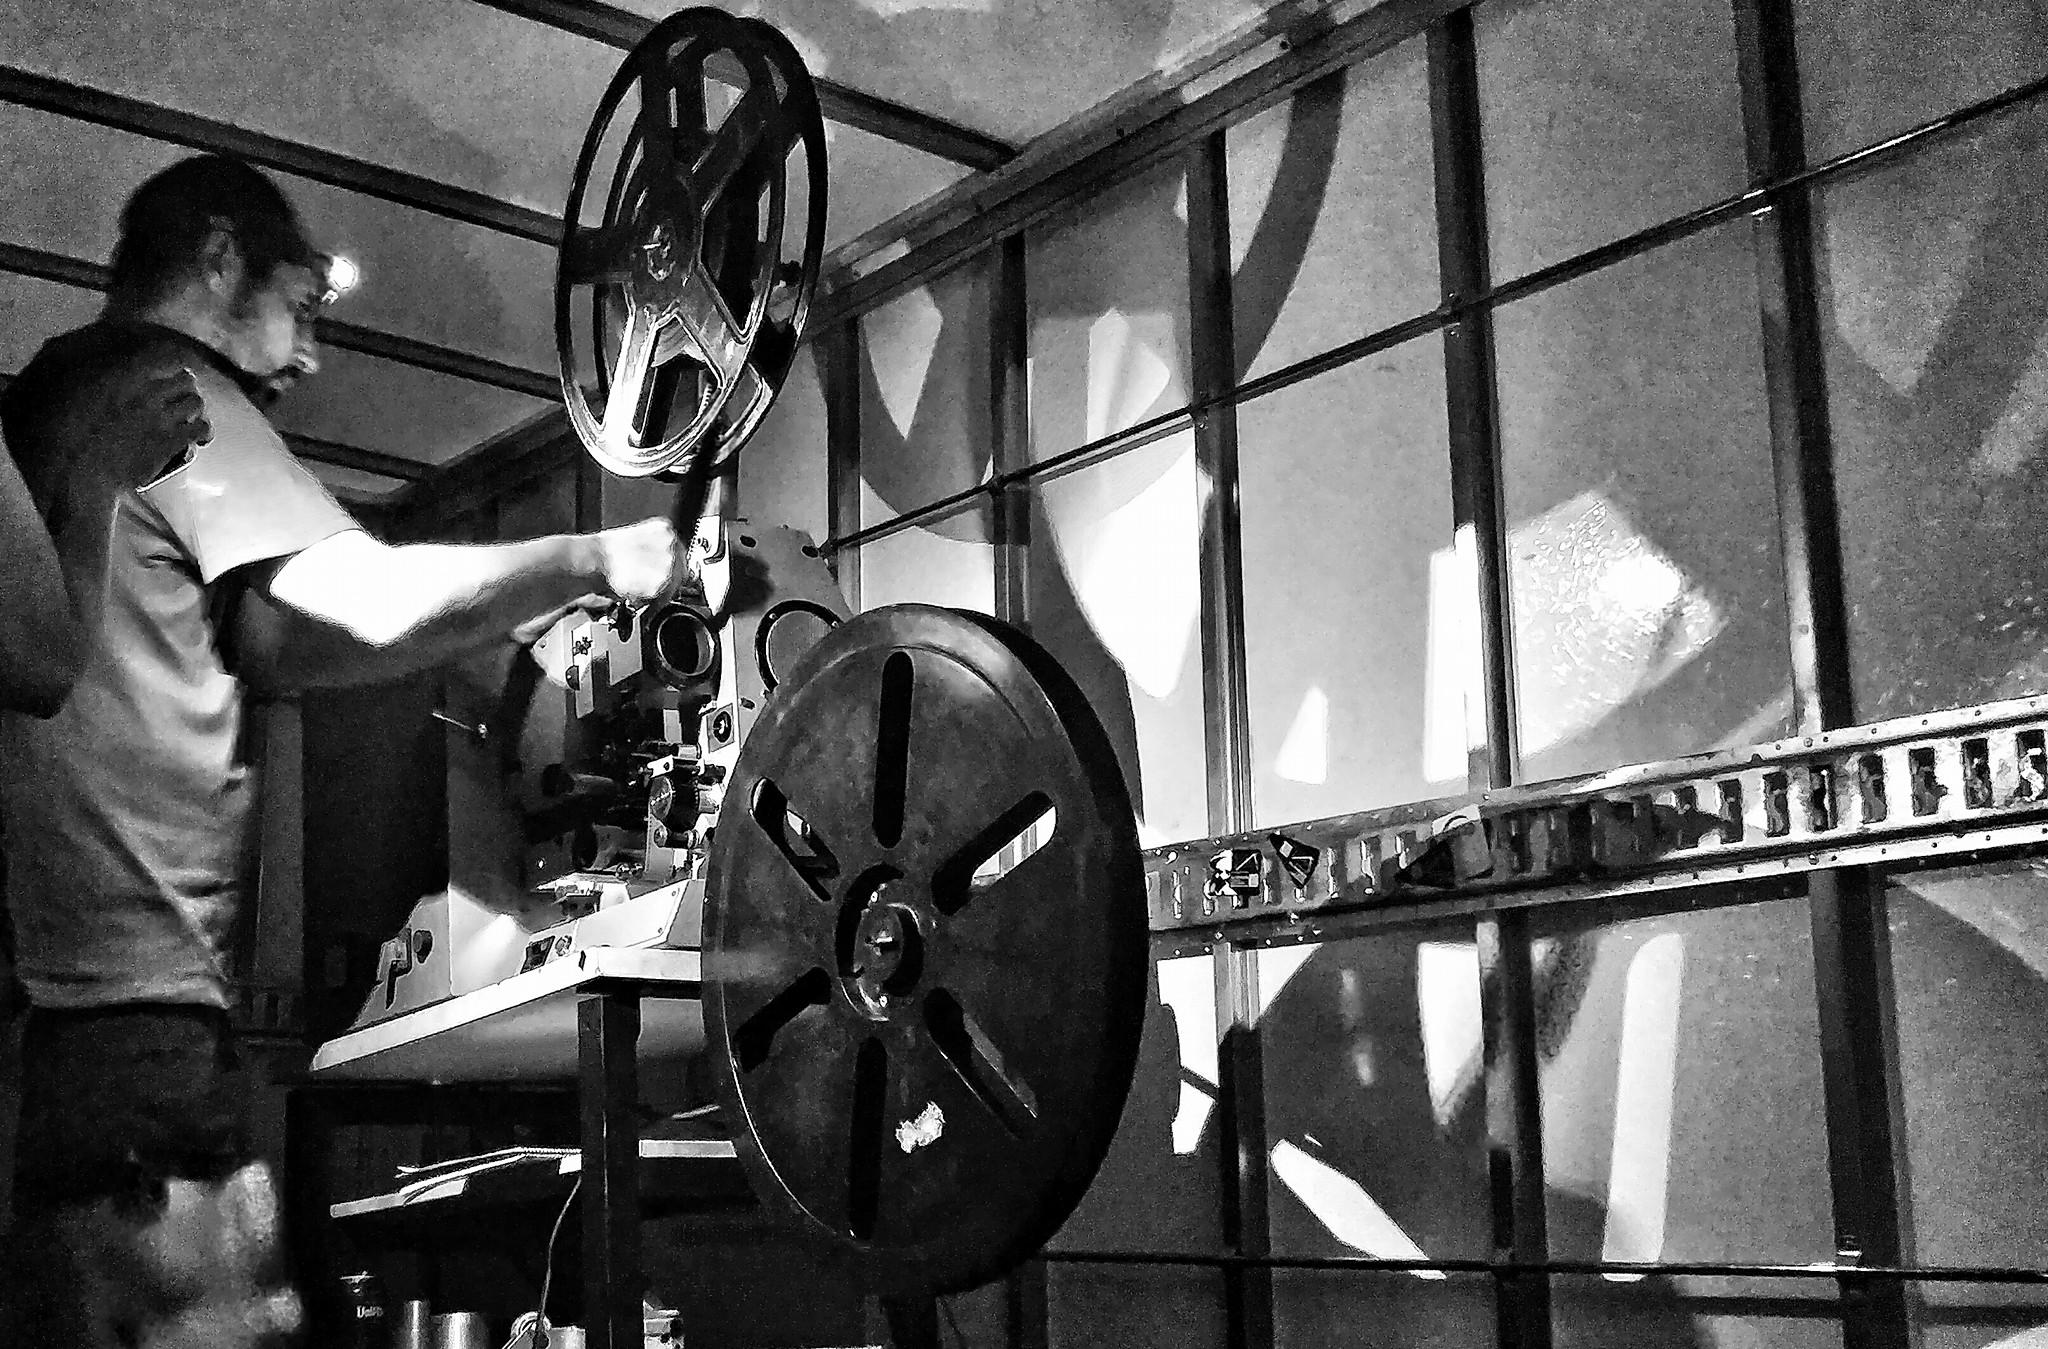 El cine ya no es de pel cula as es una sala de cine - Fotos de salas de cine ...